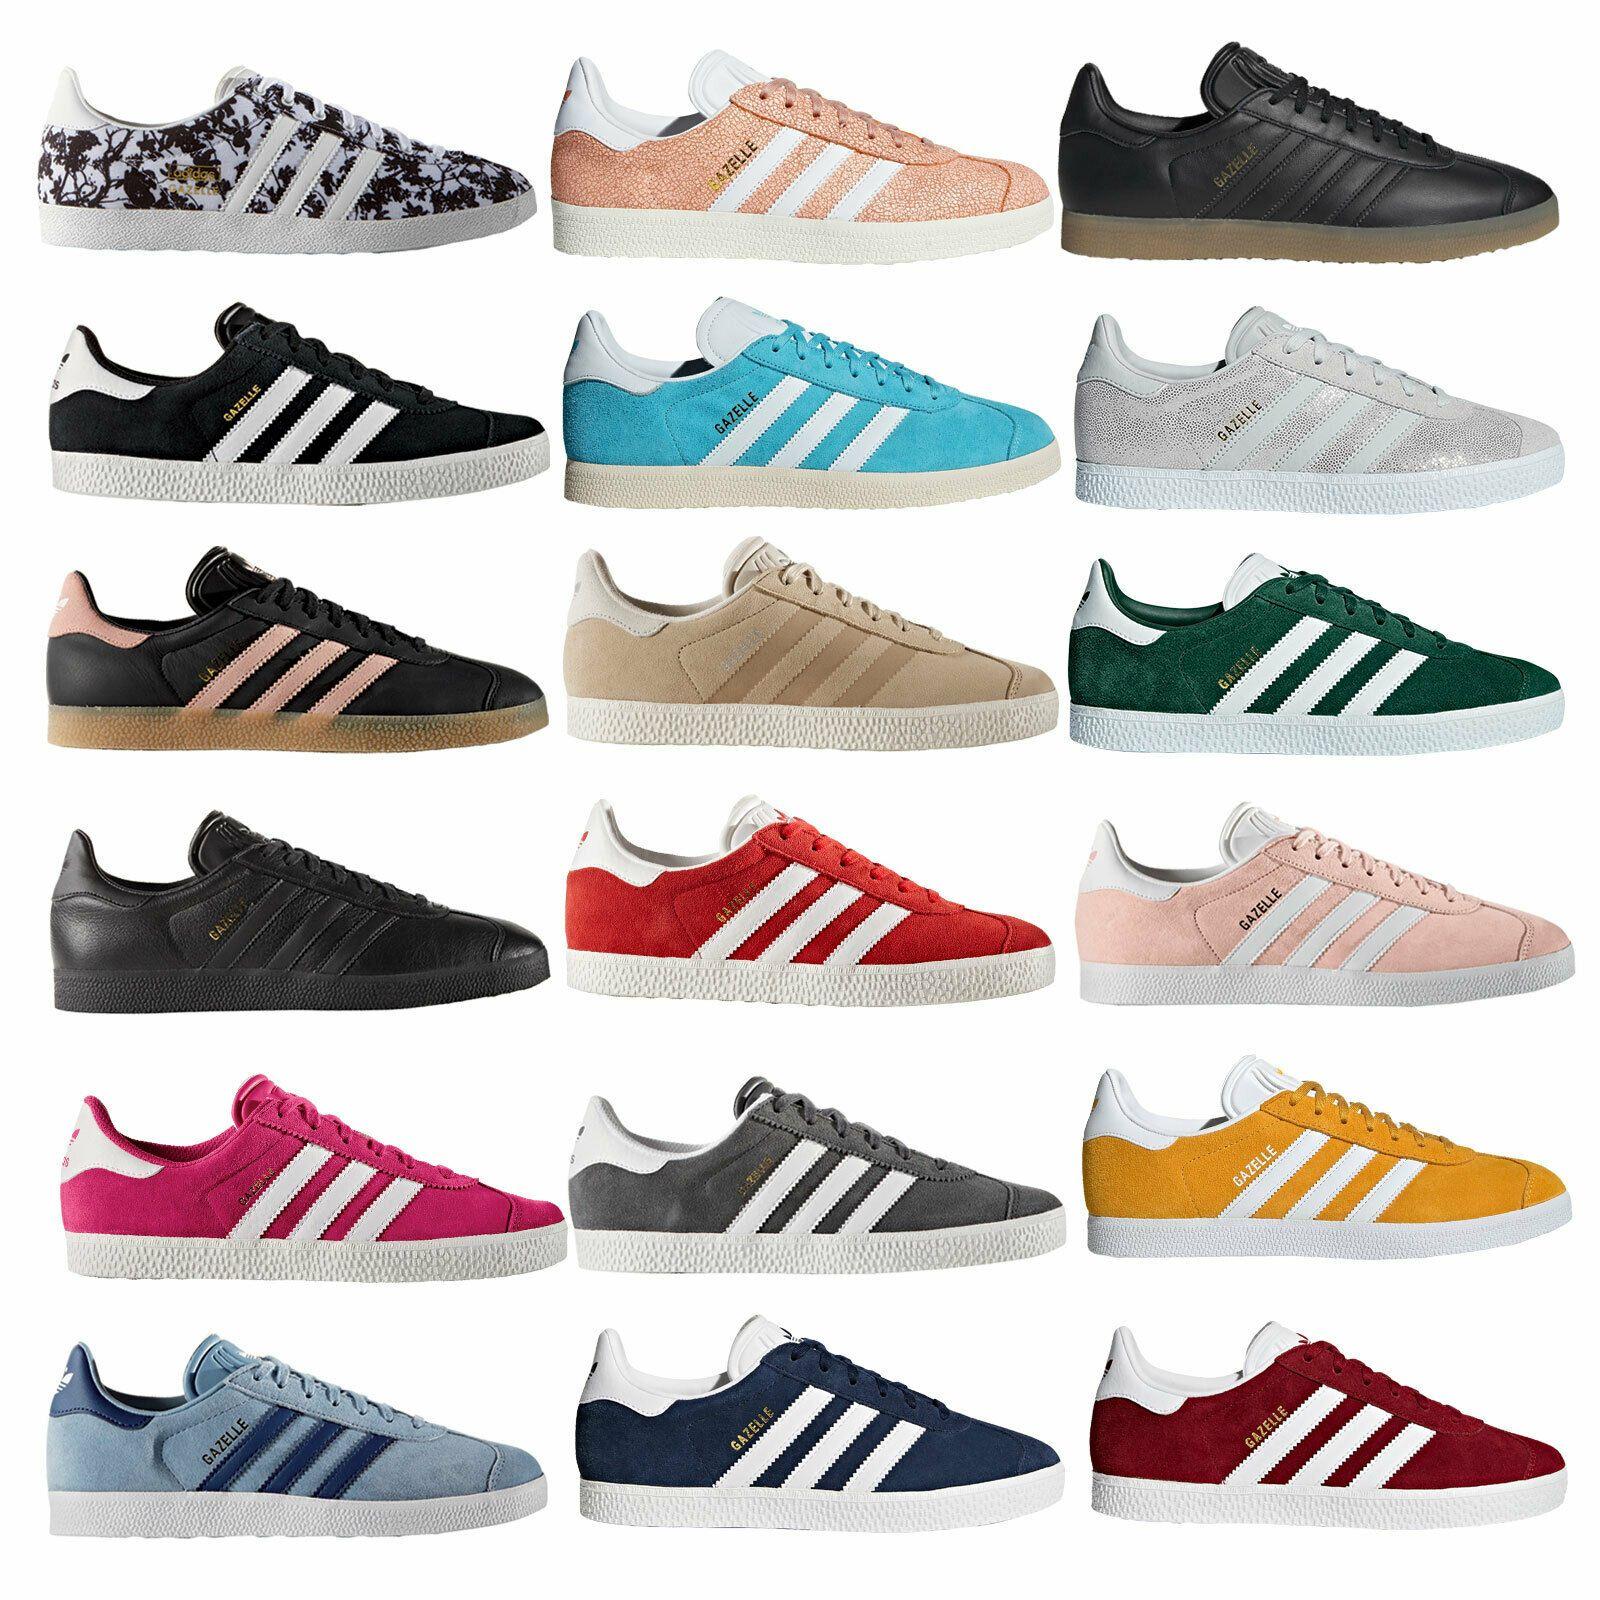 adidas Superstar | Damen, Herren, Kinder | Sportshowroom